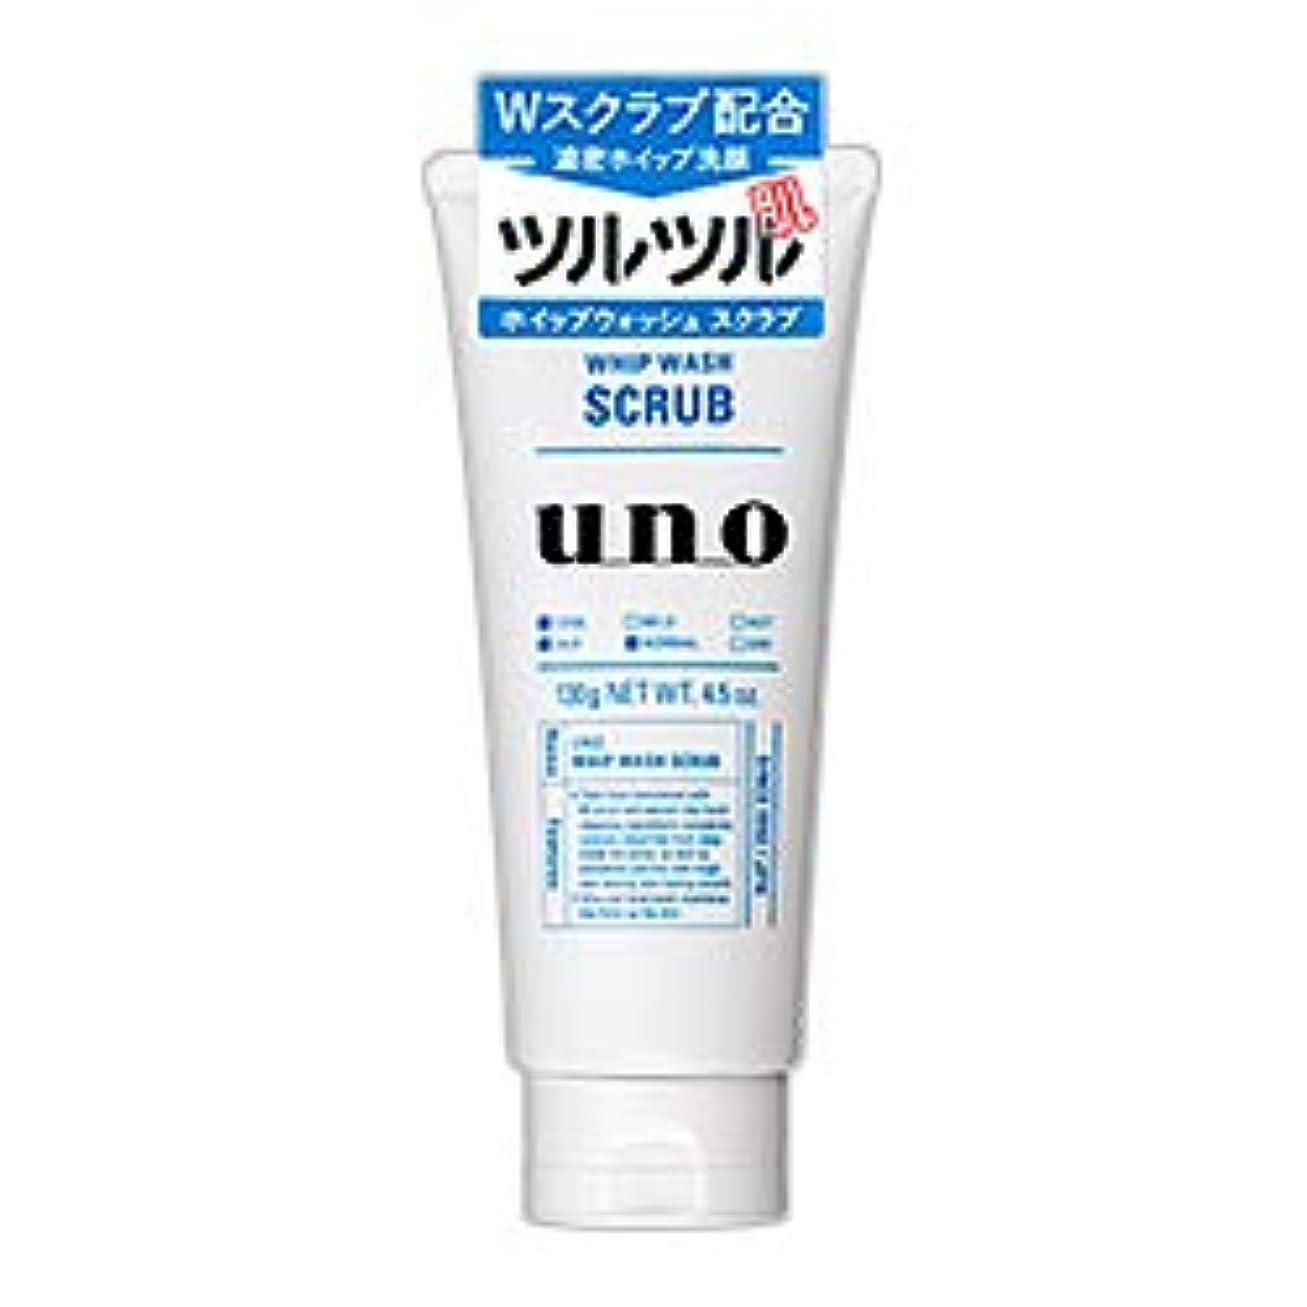 波かすかな推進力【資生堂】ウーノ(uno) ホイップウォッシュ (スクラブ) 130g ×4個セット